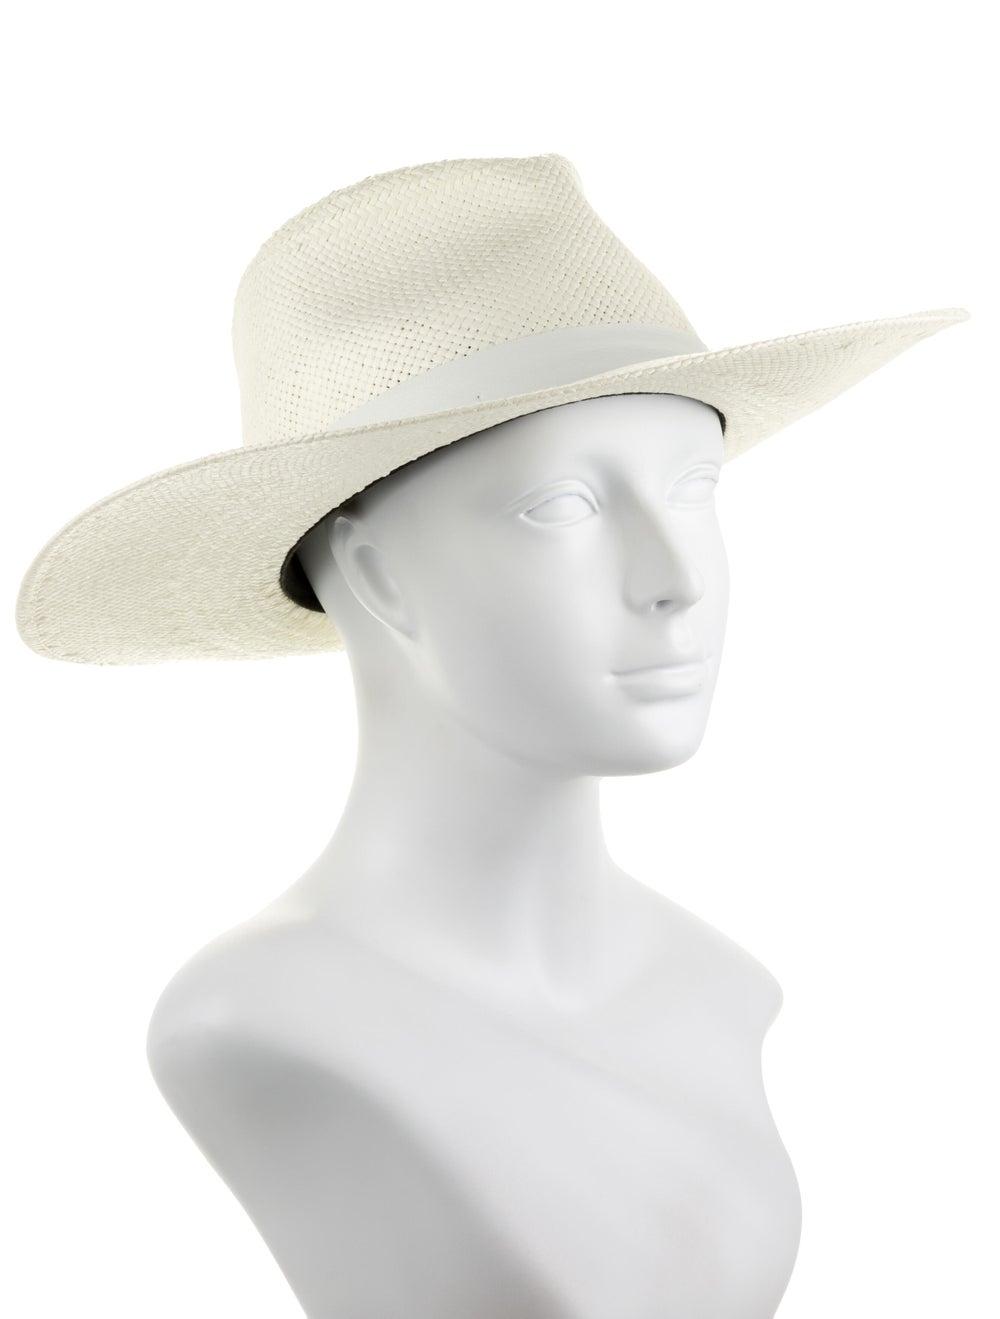 Janessa Leone Straw Wide Brim Hat White - image 3